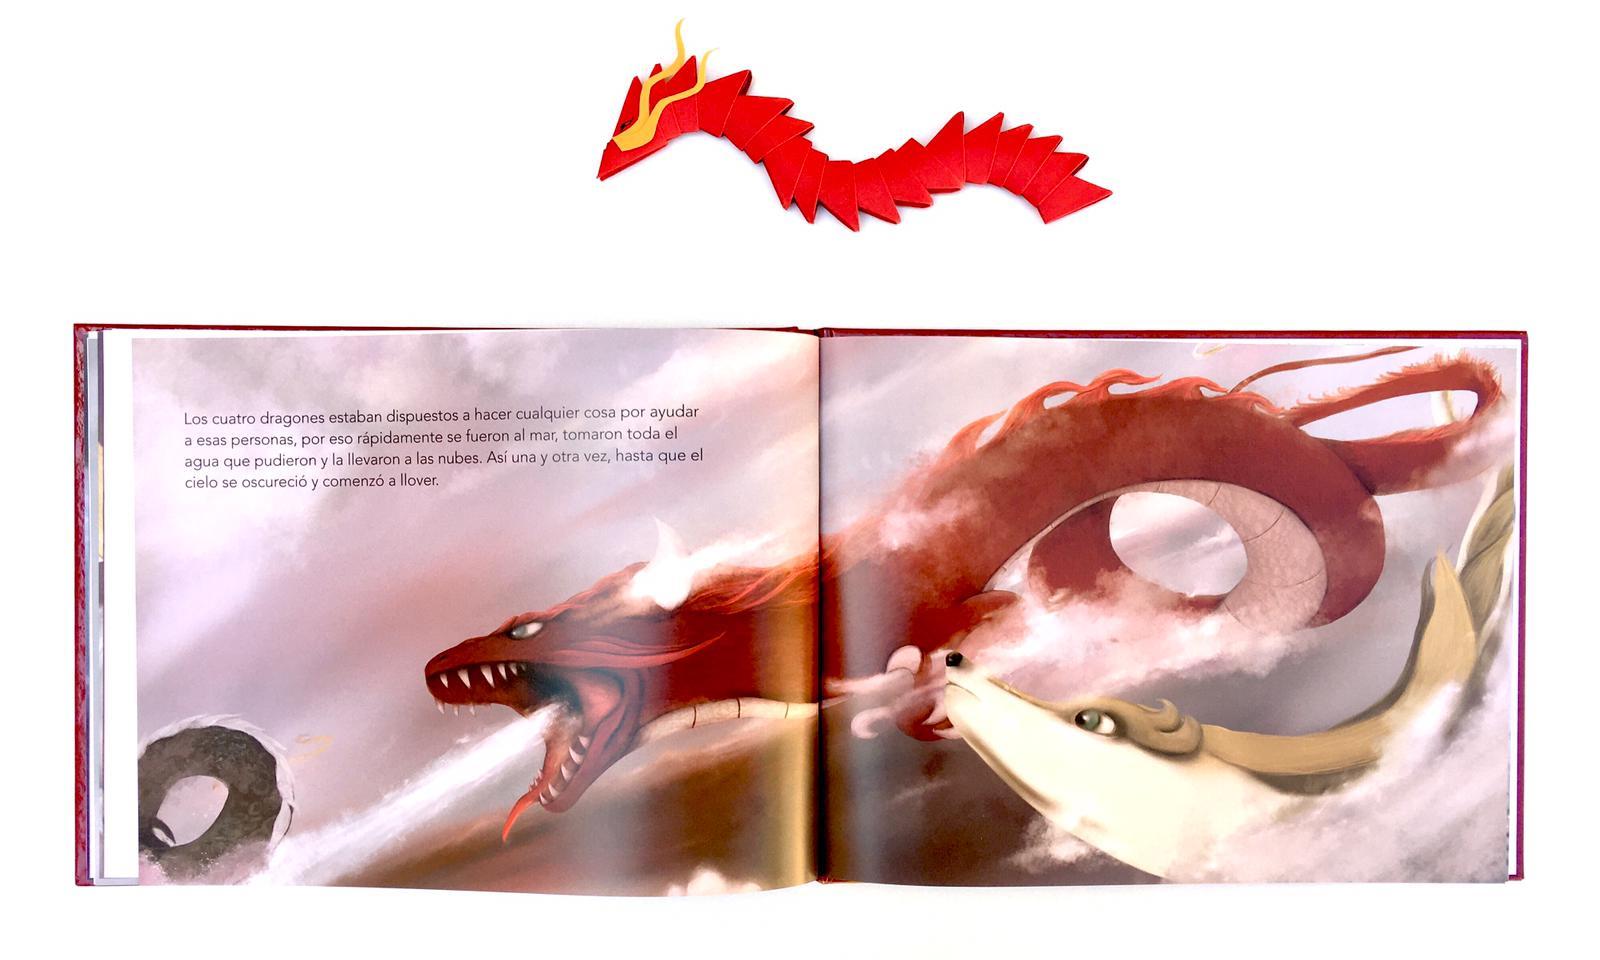 cuatro dragones 05